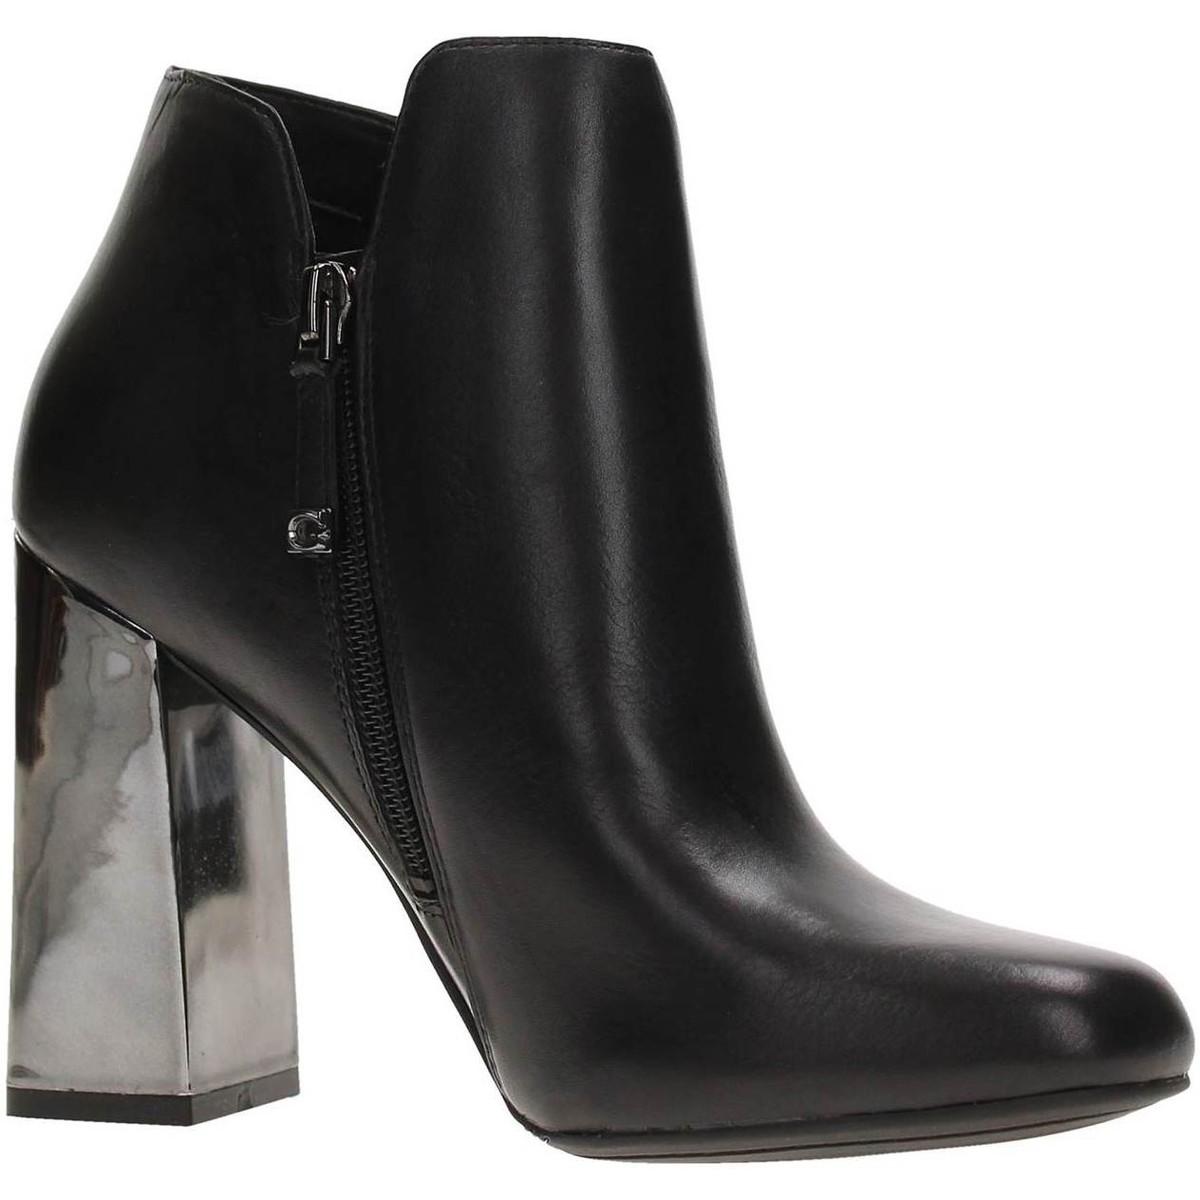 Femme Guess Boots Femme Declan SuedeGris Gris Bottines